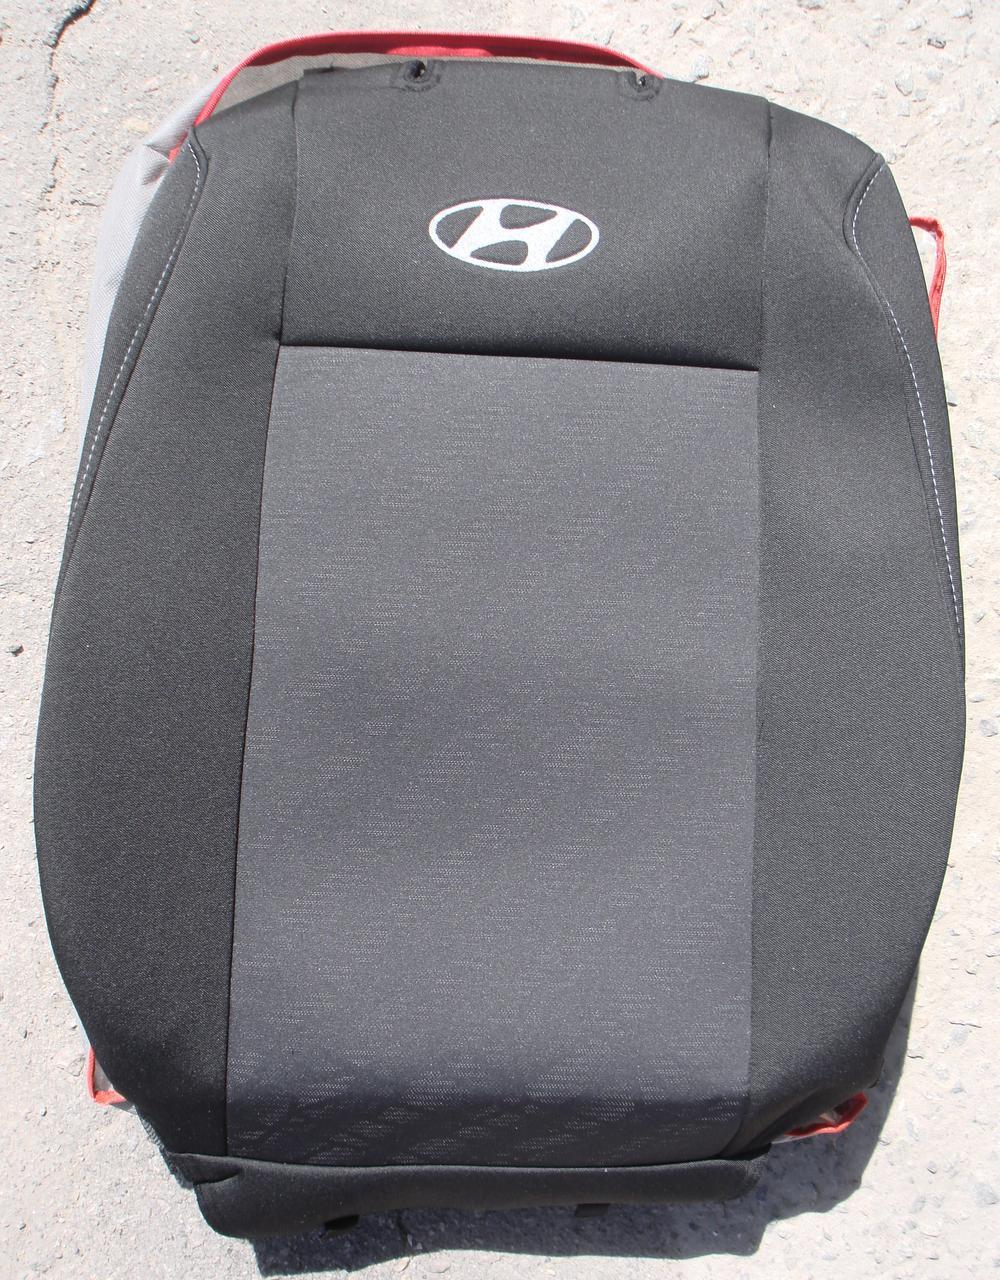 Авточехлы VIP HYUNDAI Accent 2010→ автомобильные модельные чехлы на для сиденья сидений салона HYUNDAI ХУНДАЙ Хендай Accent